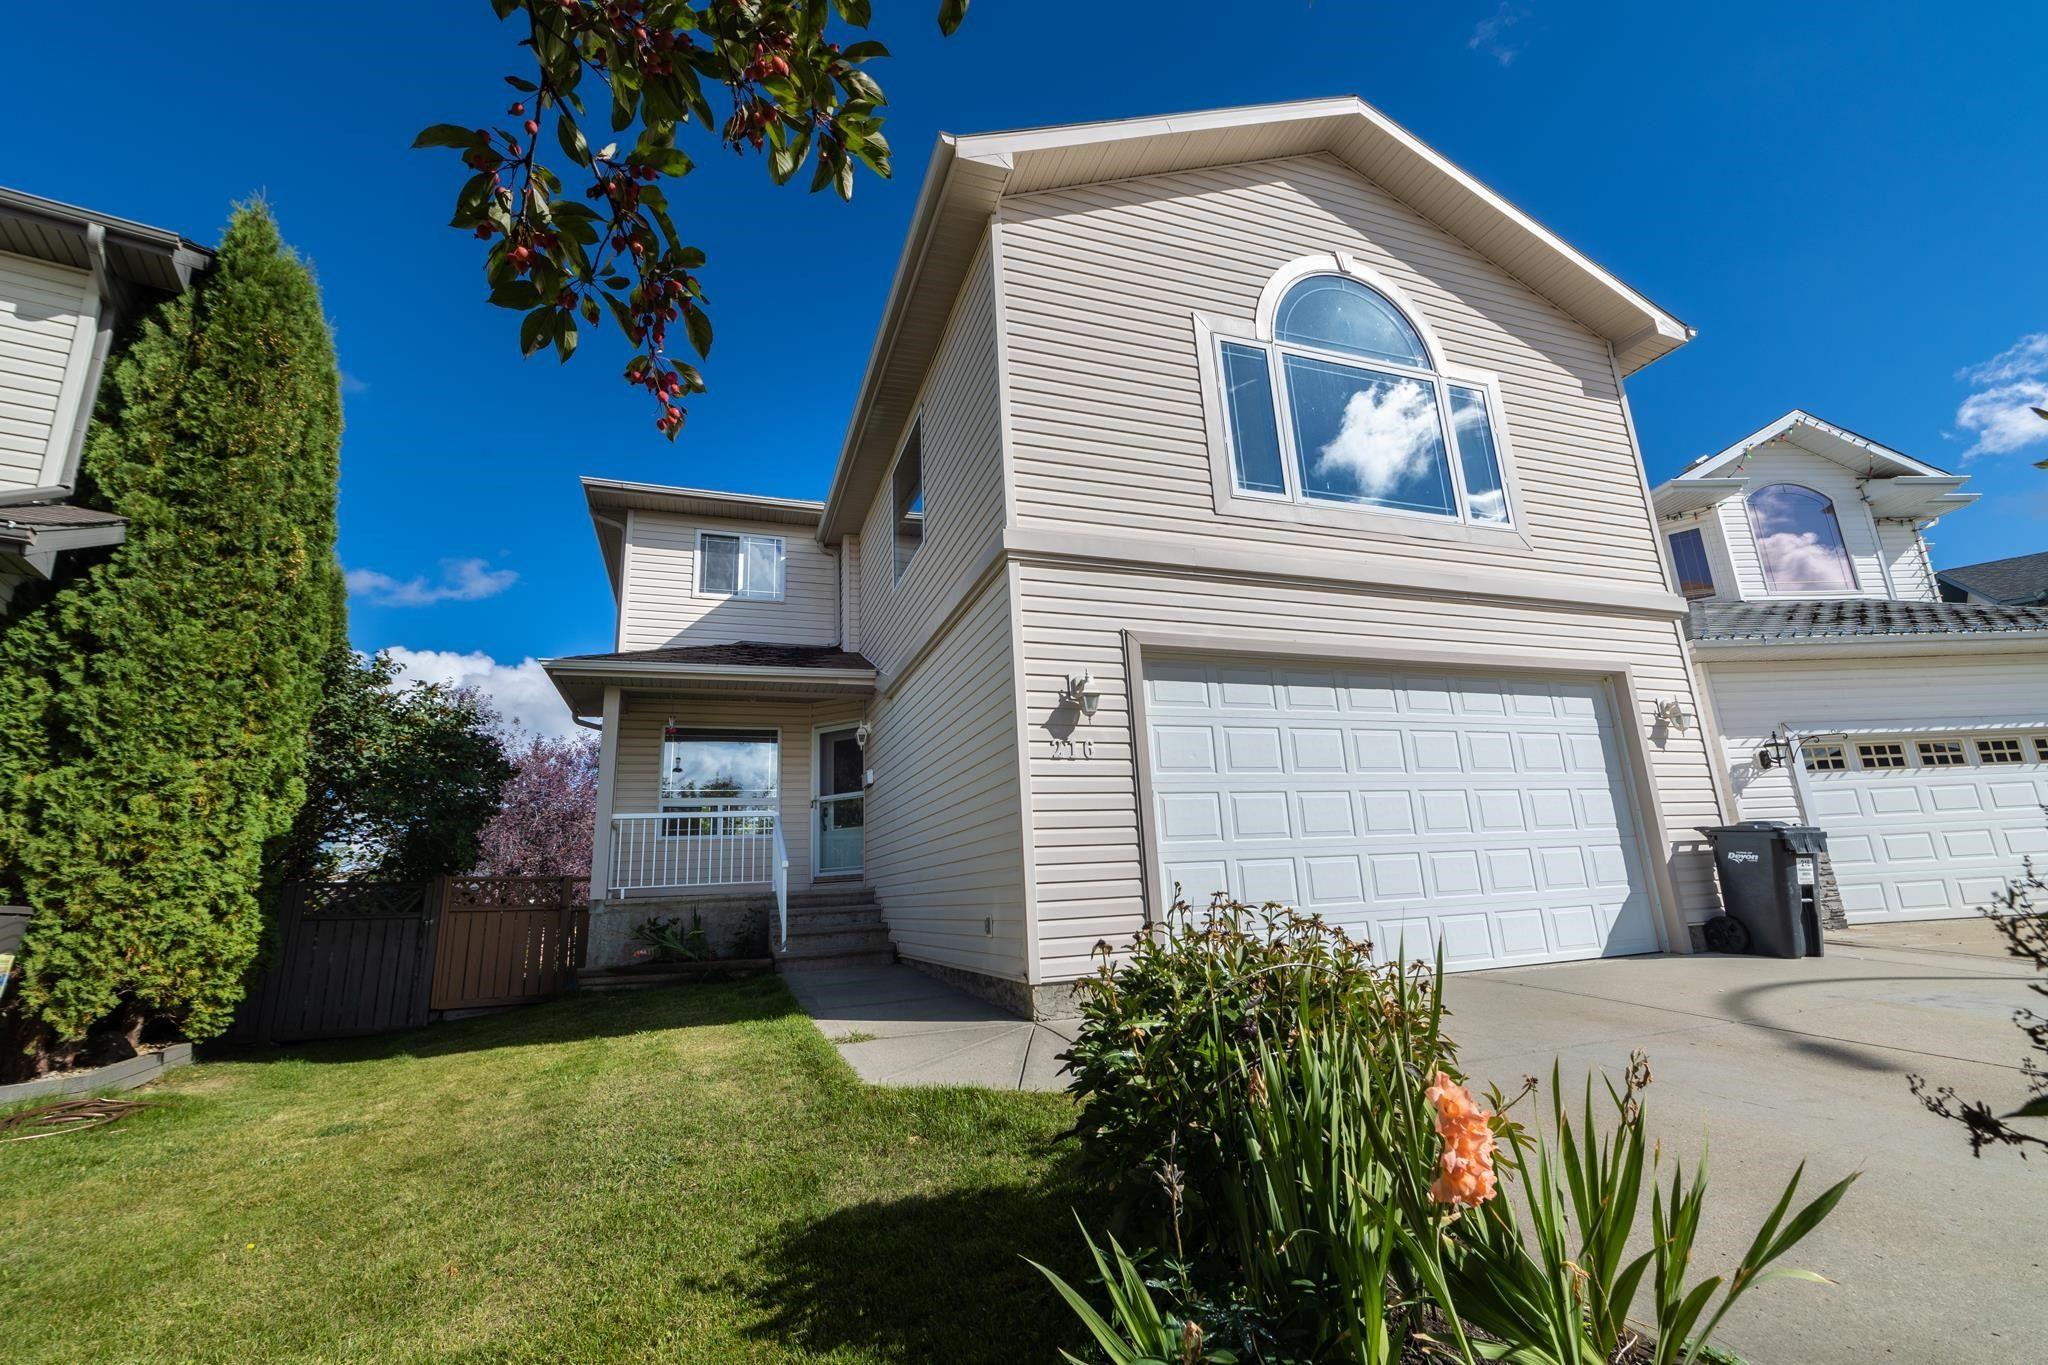 Main Photo: 216 KANANASKIS Green: Devon House for sale : MLS®# E4262660